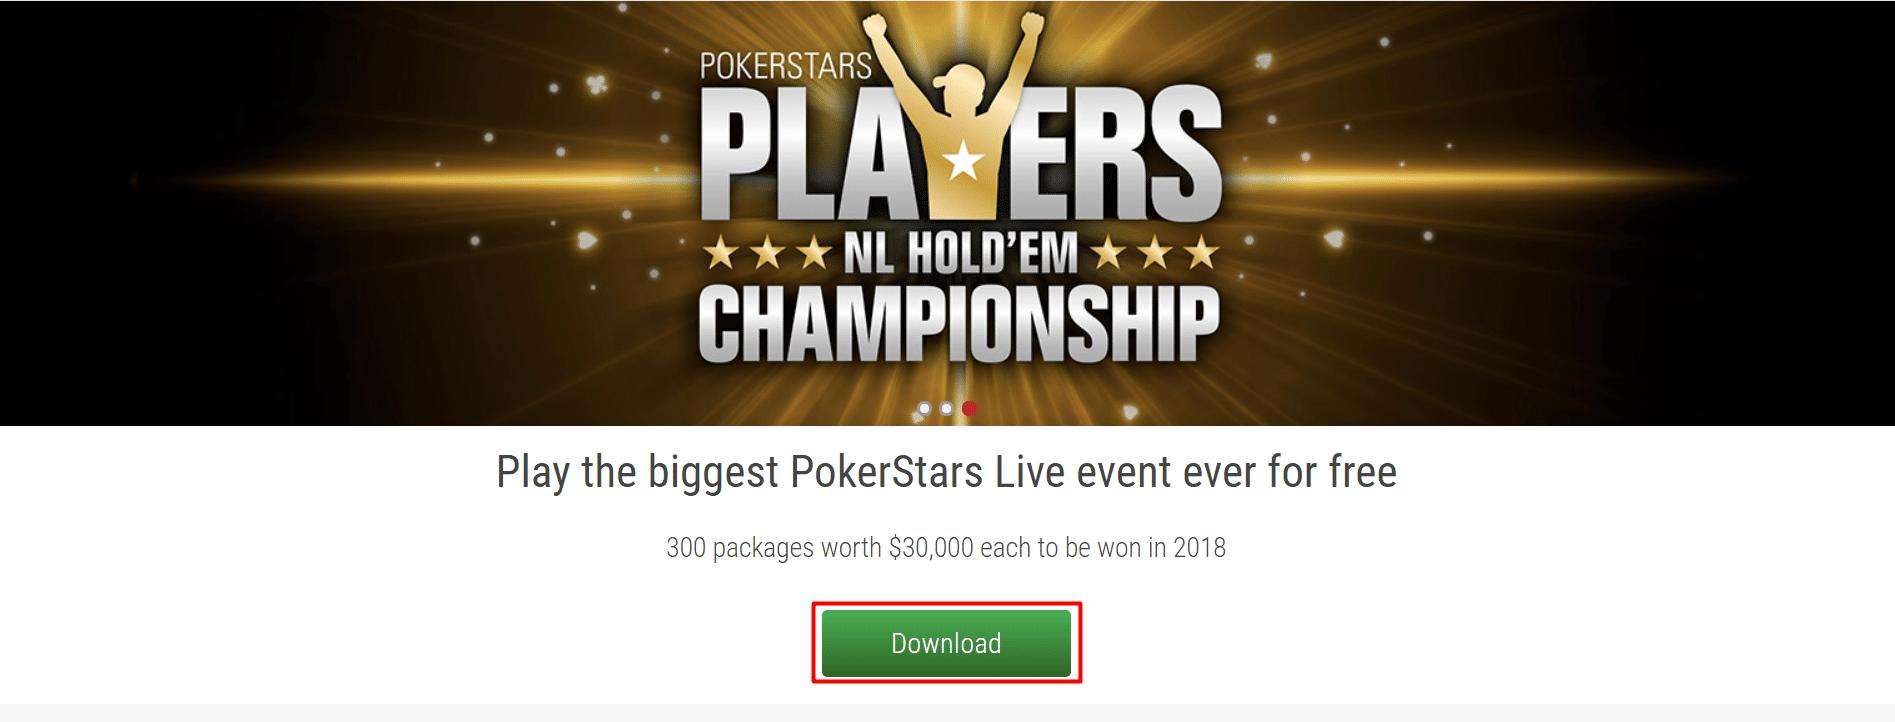 скачать клиент покерного рума pokerstars